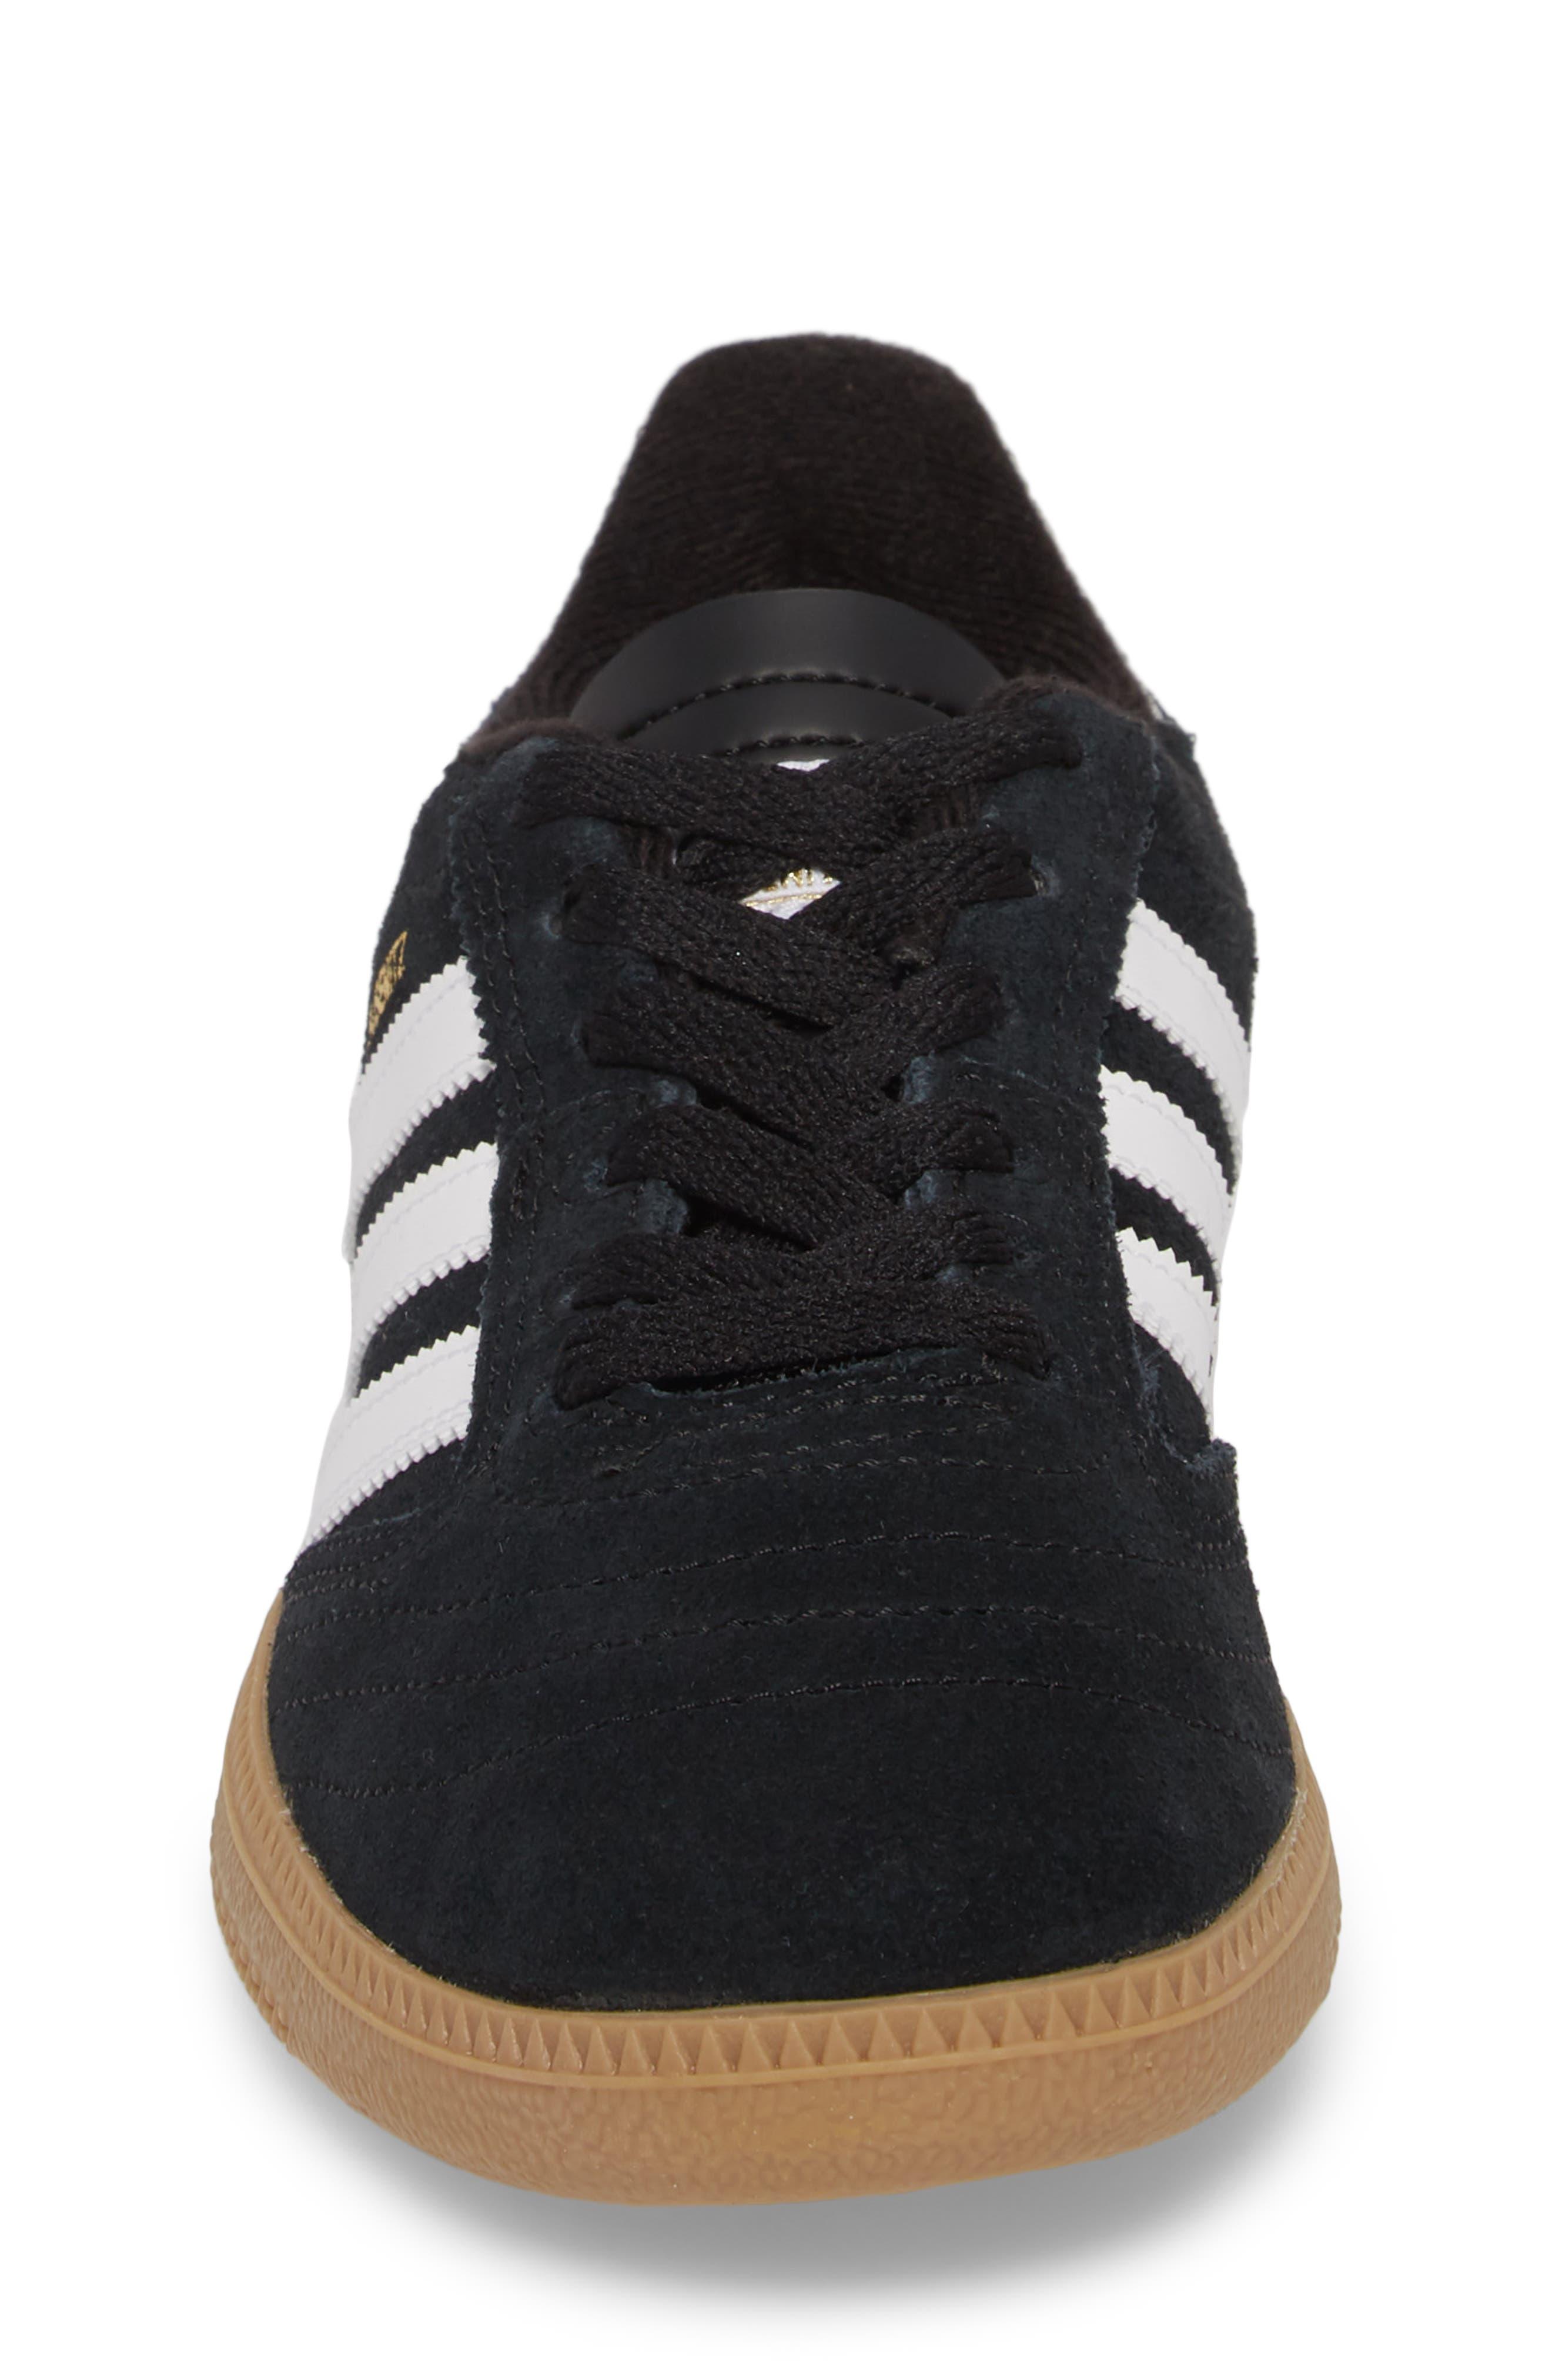 Busenitz Skateboarding Sneaker,                             Alternate thumbnail 5, color,                             Black/ White/ Gold